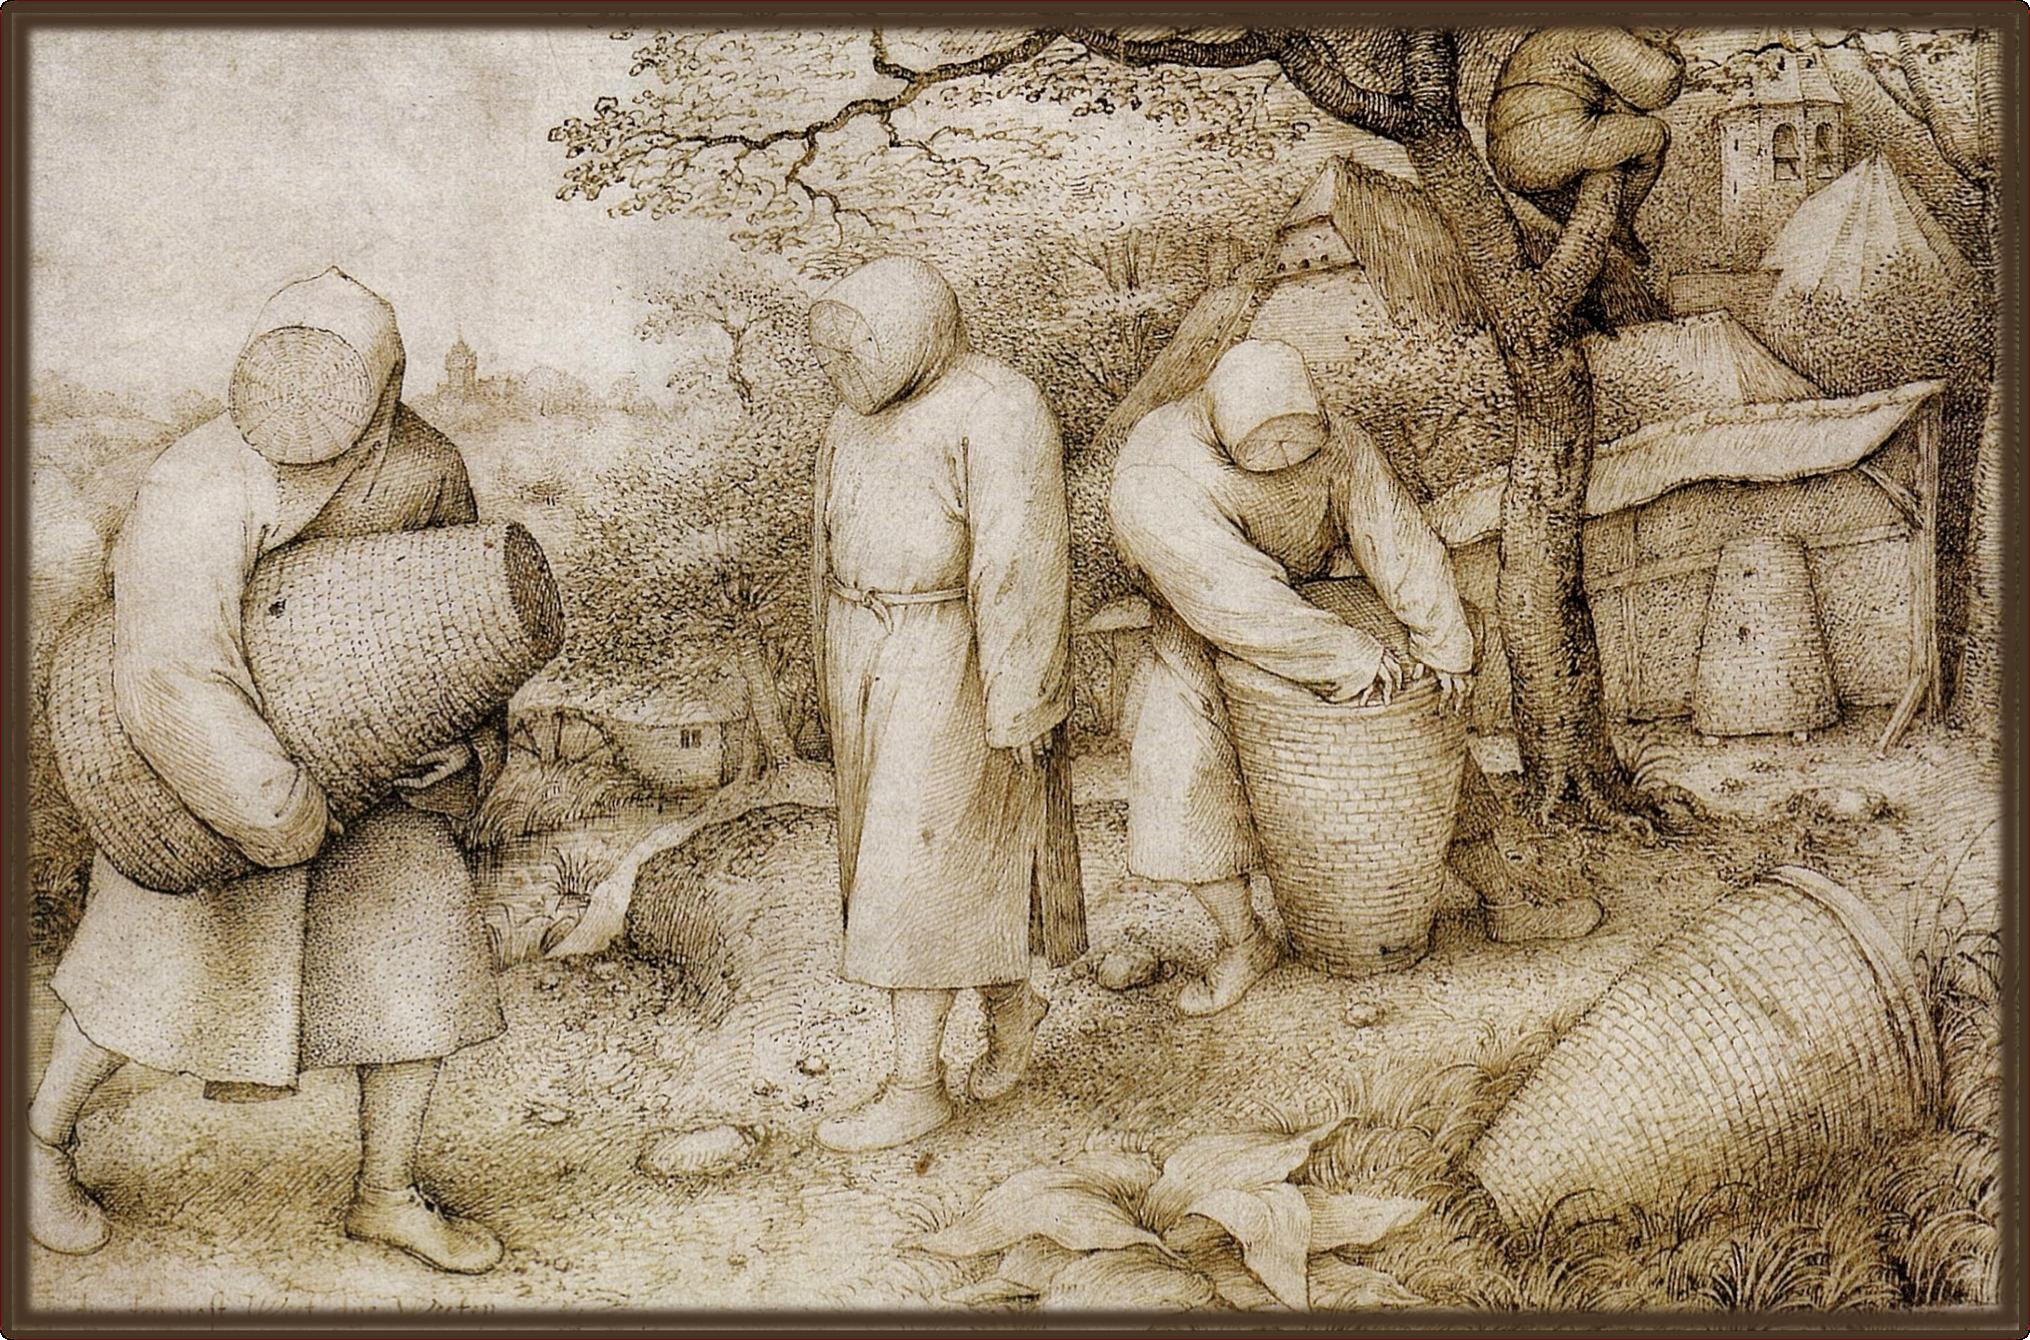 Pieter Bruegel the Elder, The Beekeepers and Birdnester.1568.fuzzedborder.png